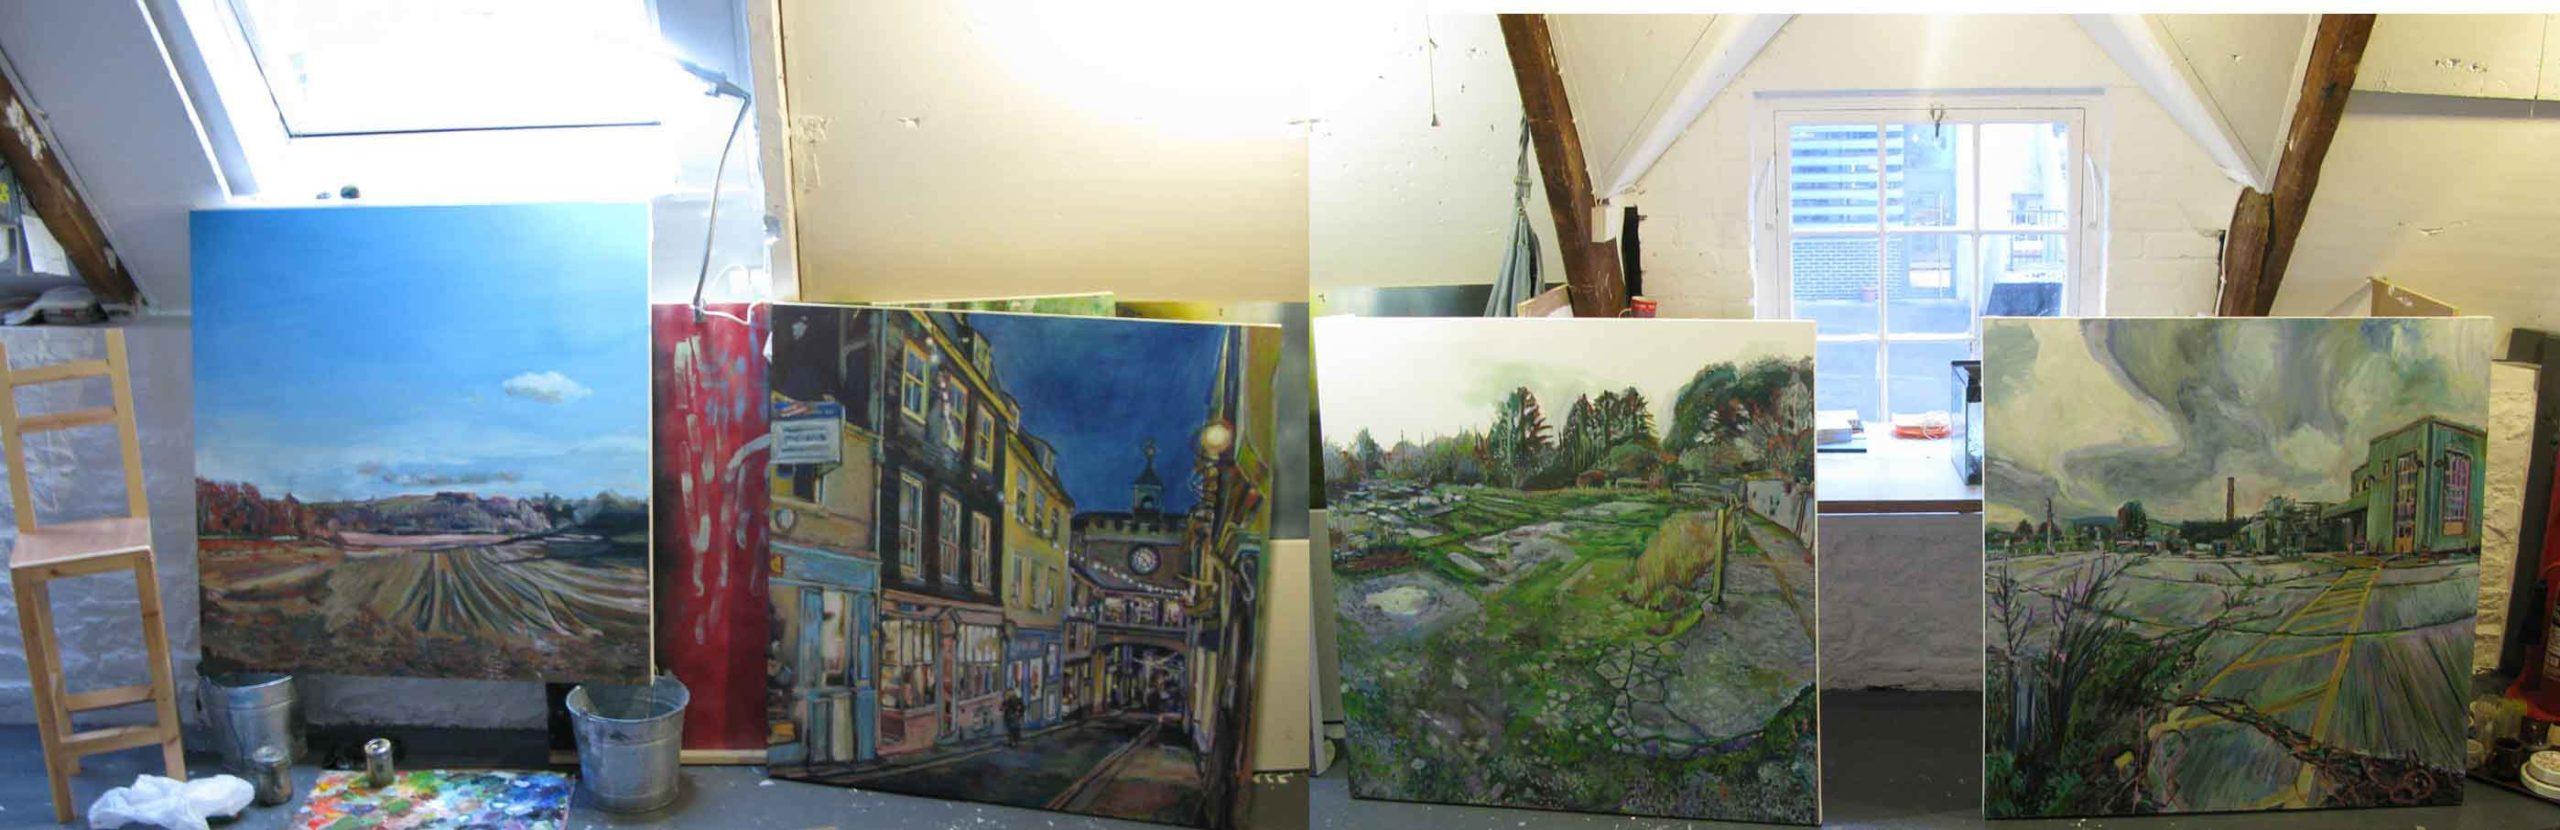 Montage of Noel Hefele Paintings